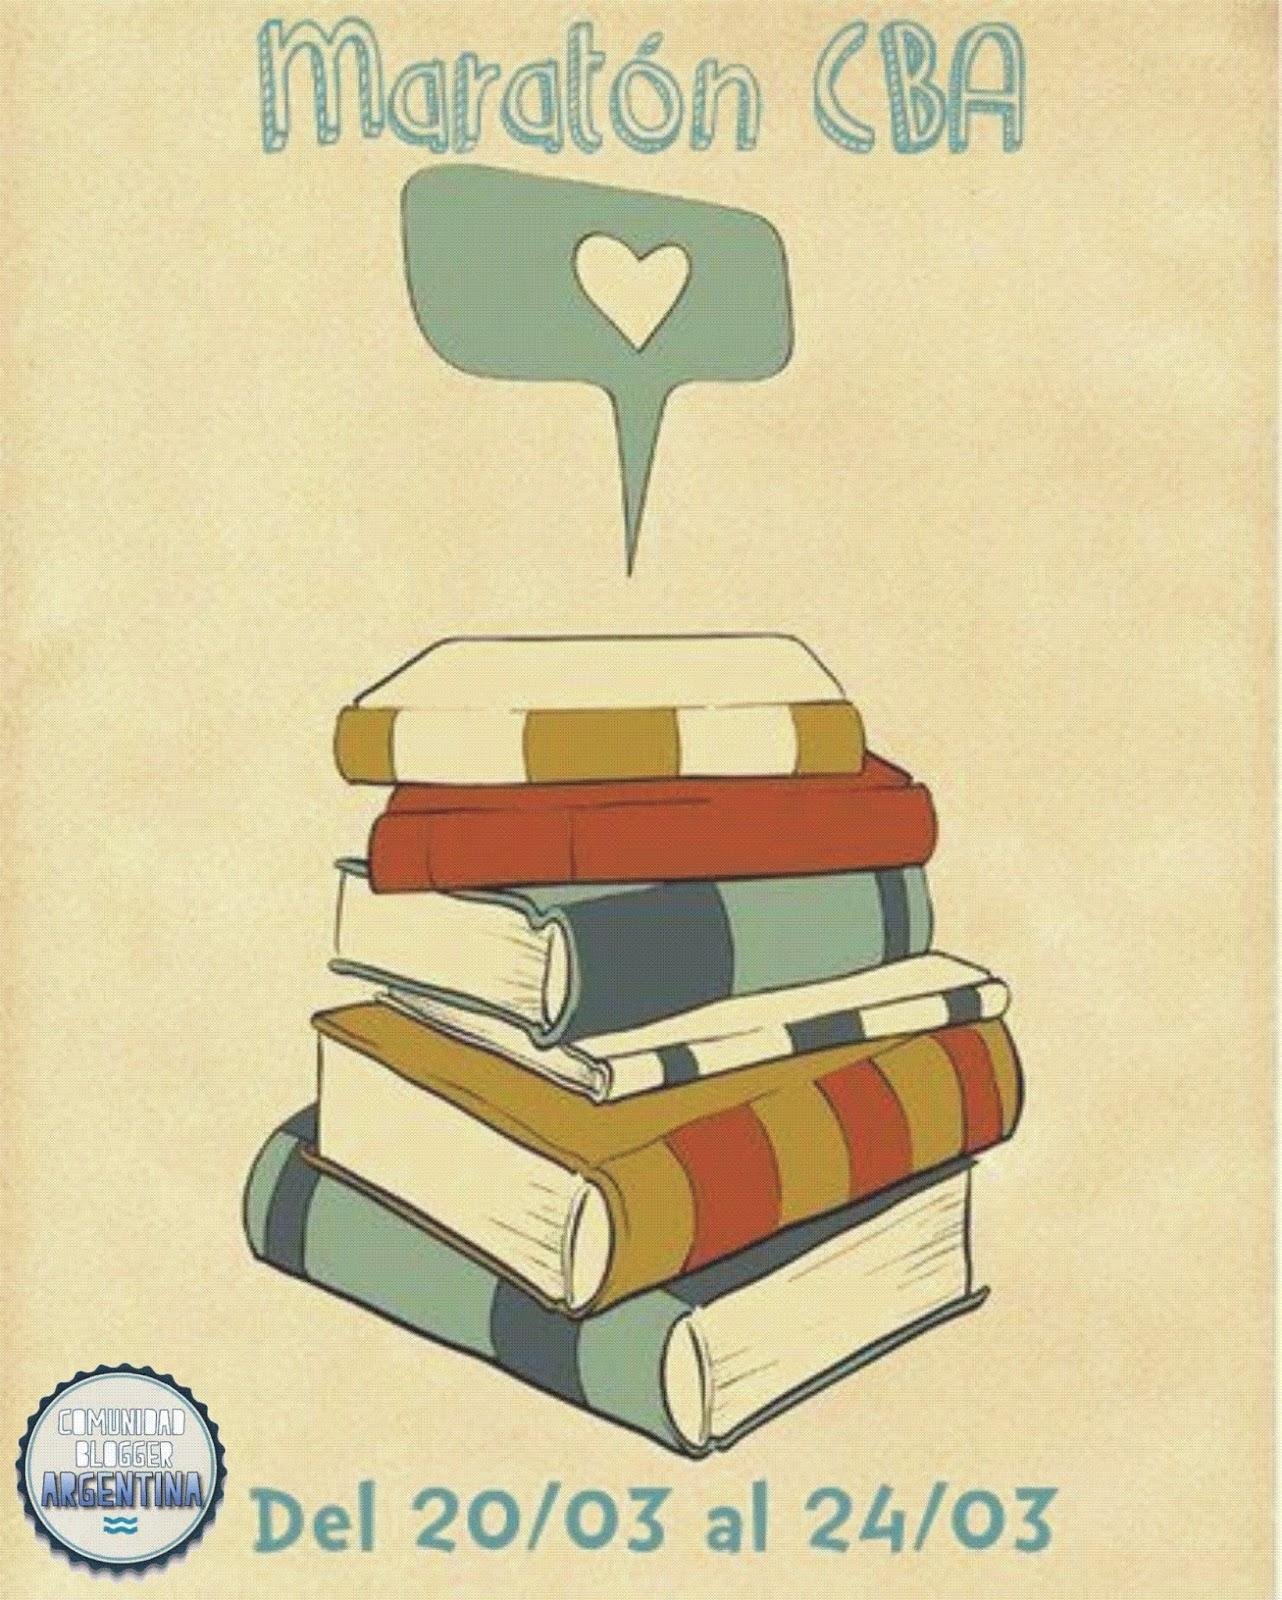 All The Things I Am Maratón Cba Tbr Para La Maratón Libros Que